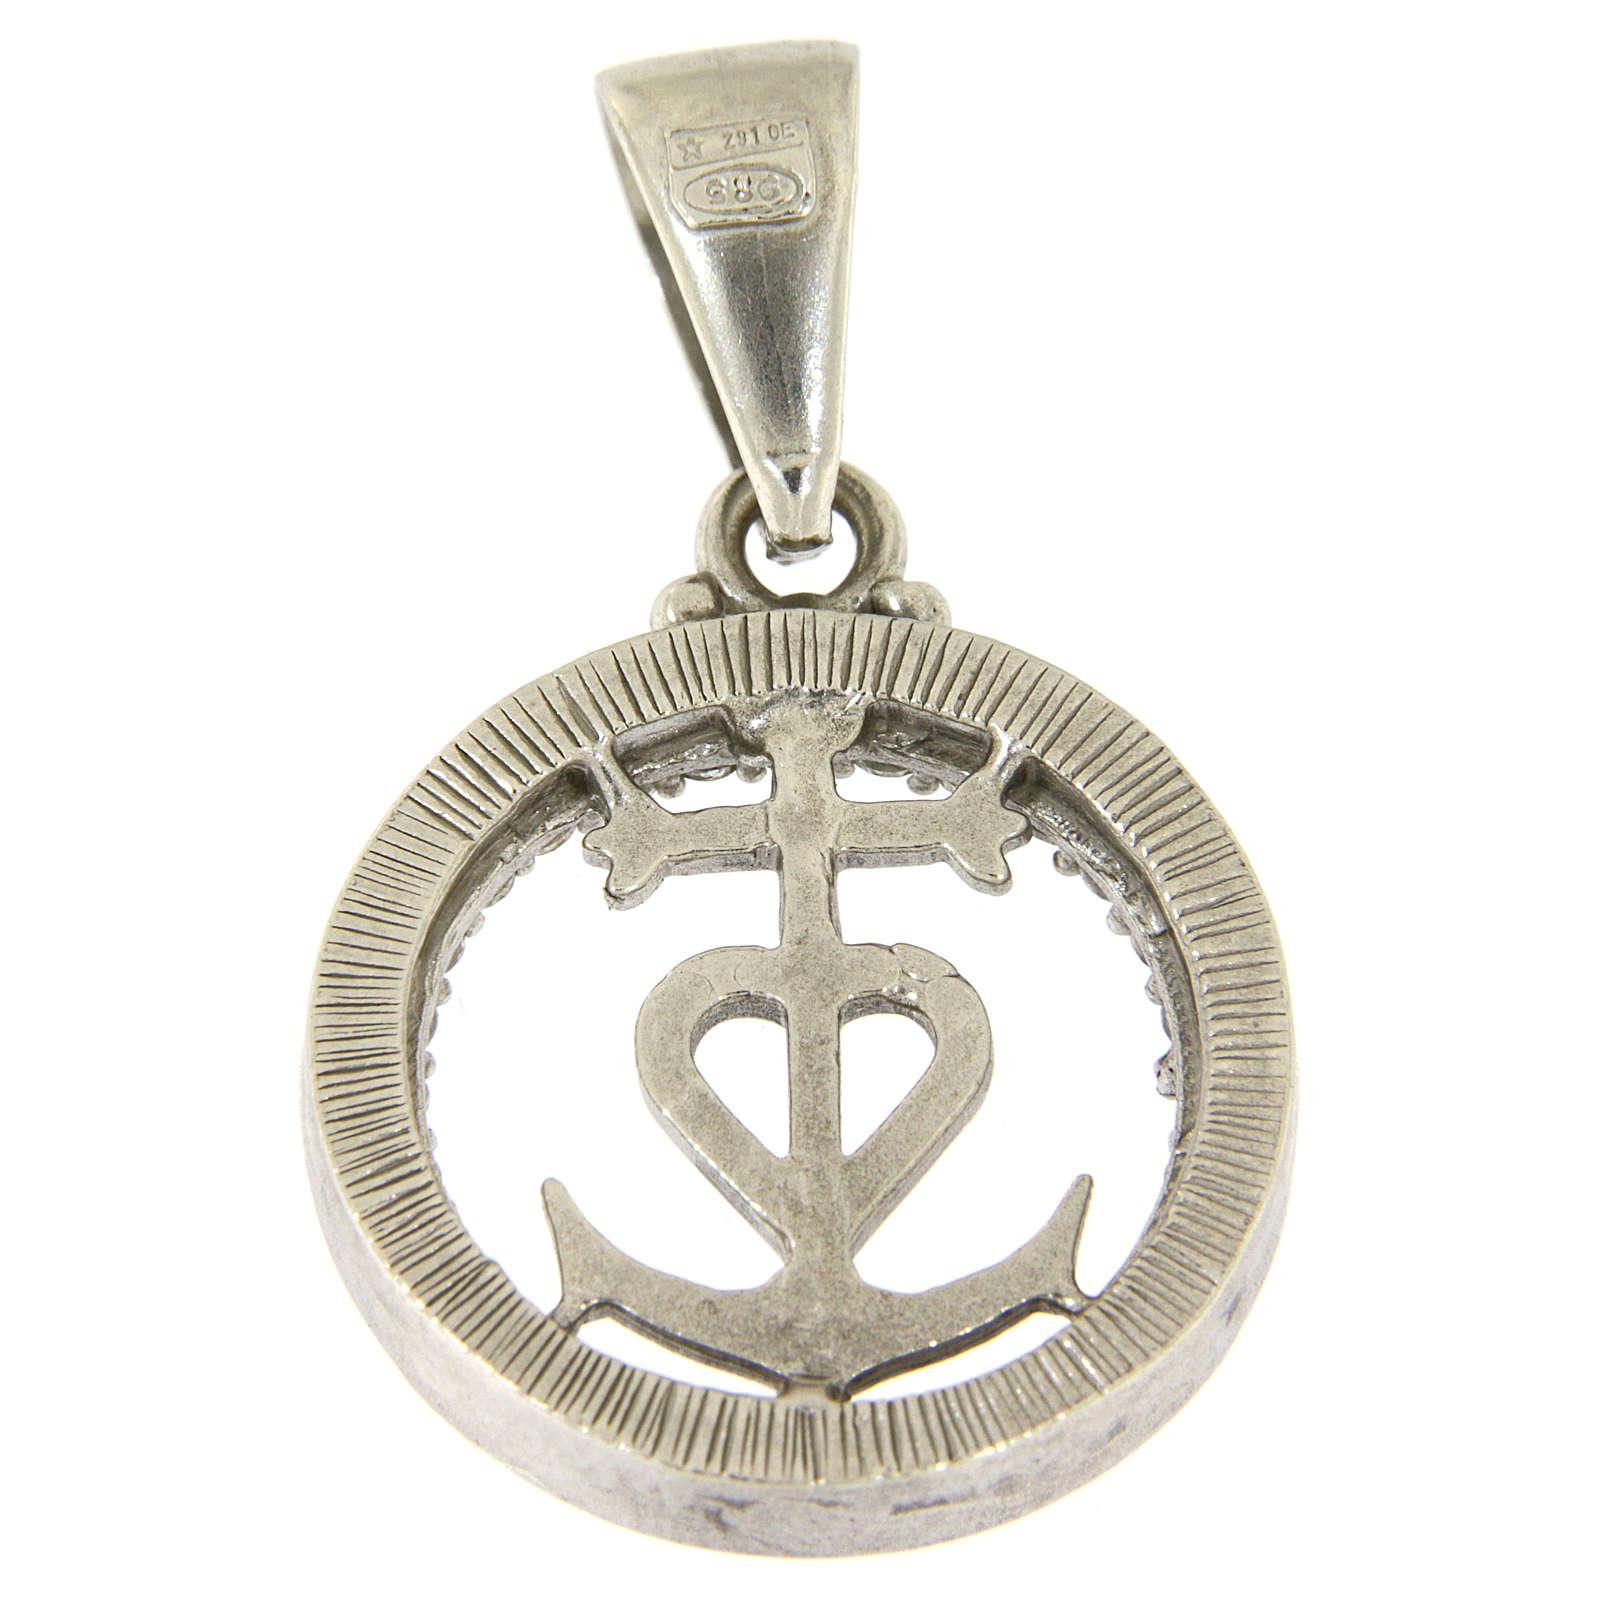 Medaglietta in argento 925 e zirconi simbolo fede speranza e carità 4